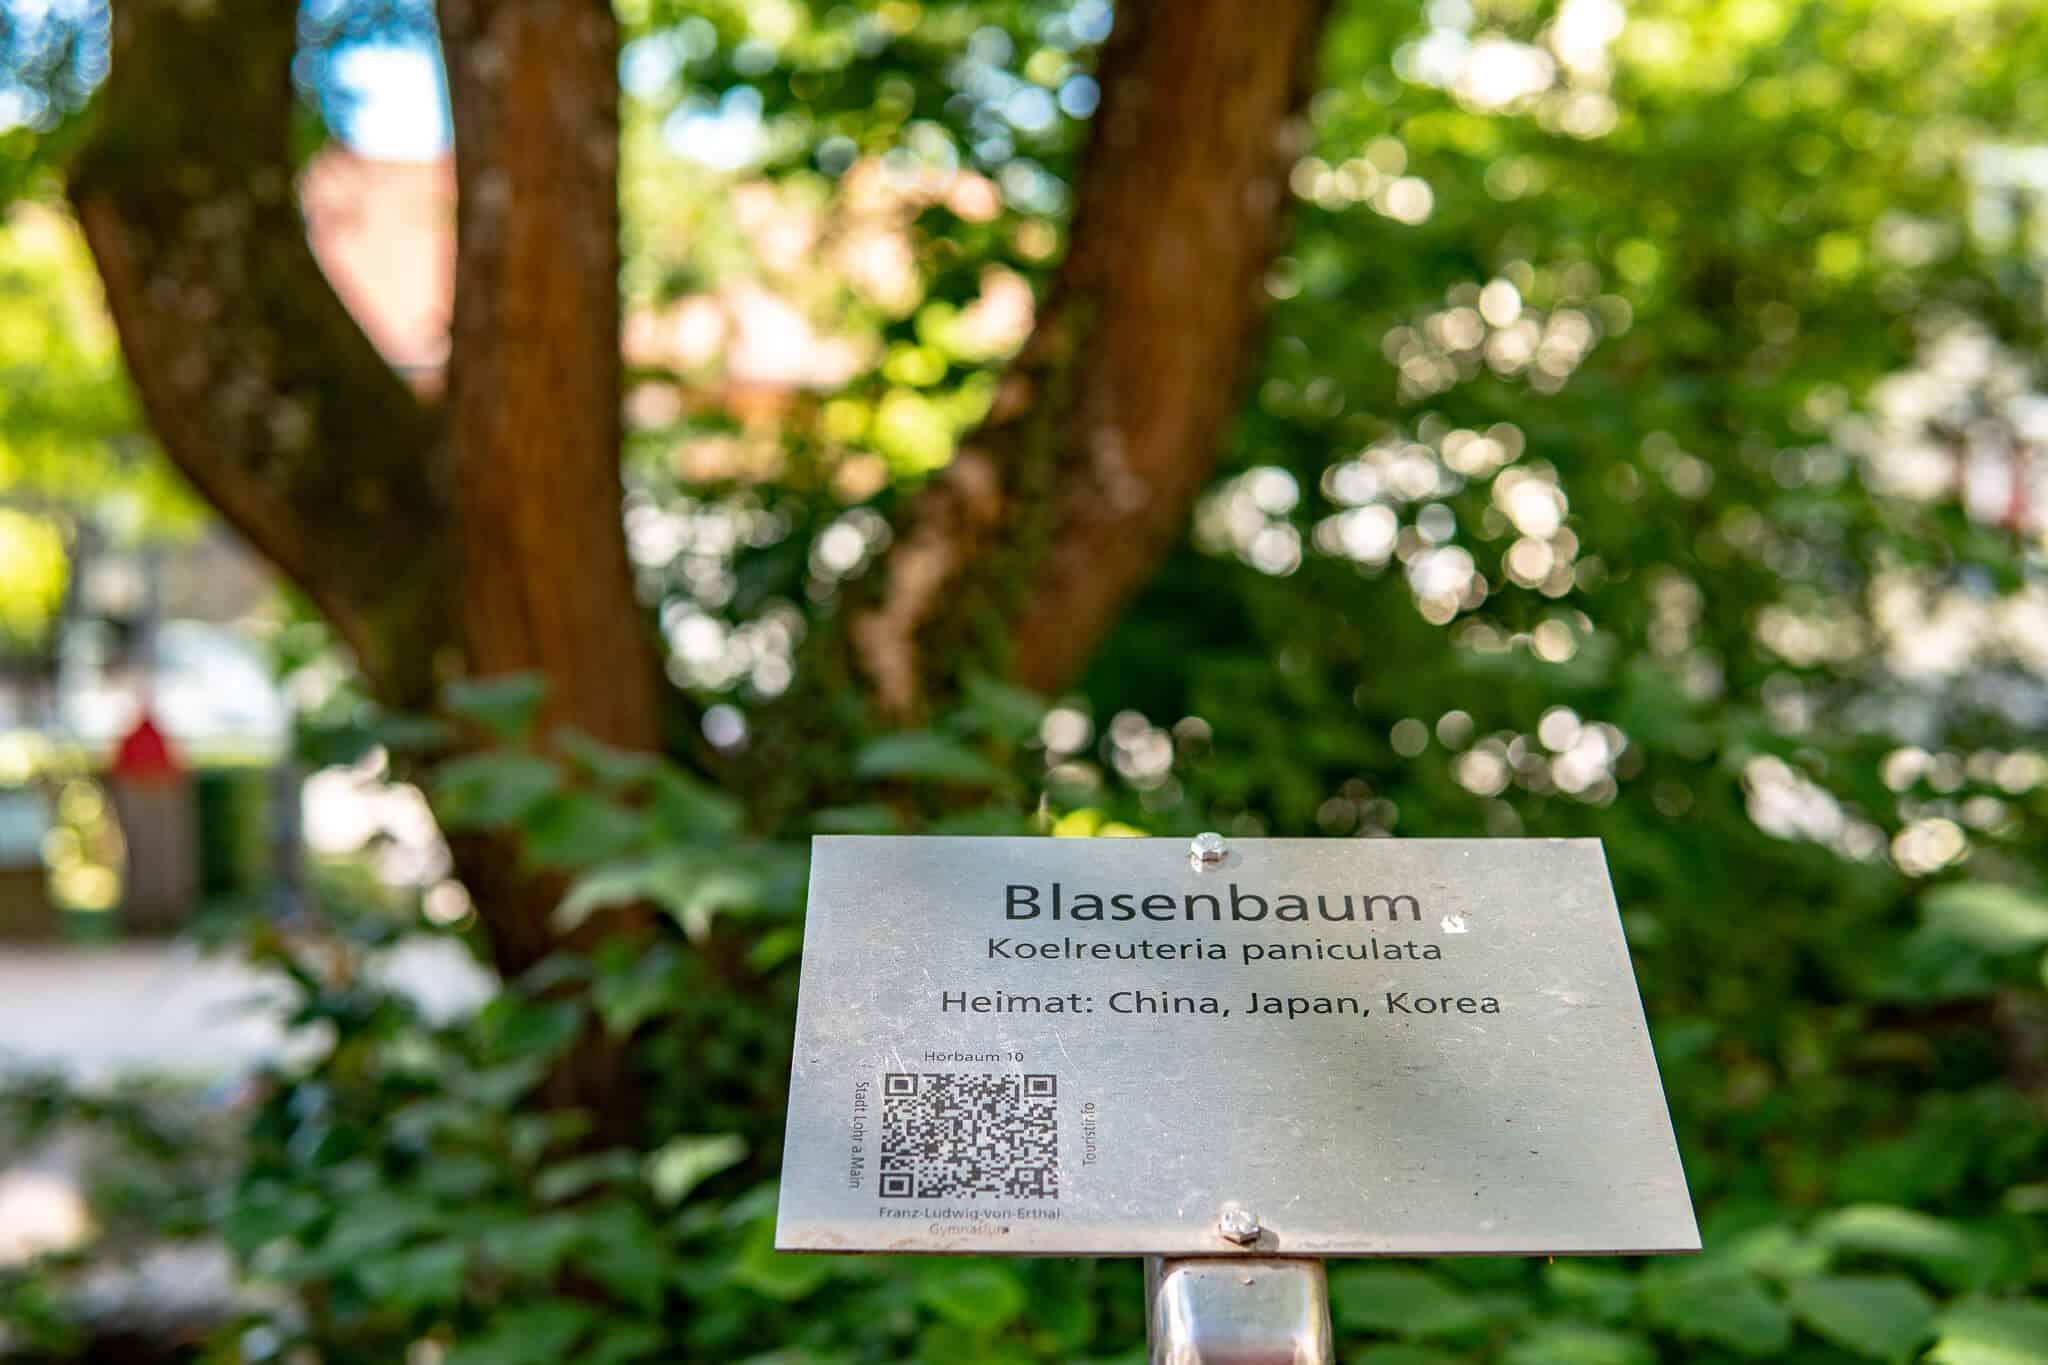 Blasenbaum Lohr am Main